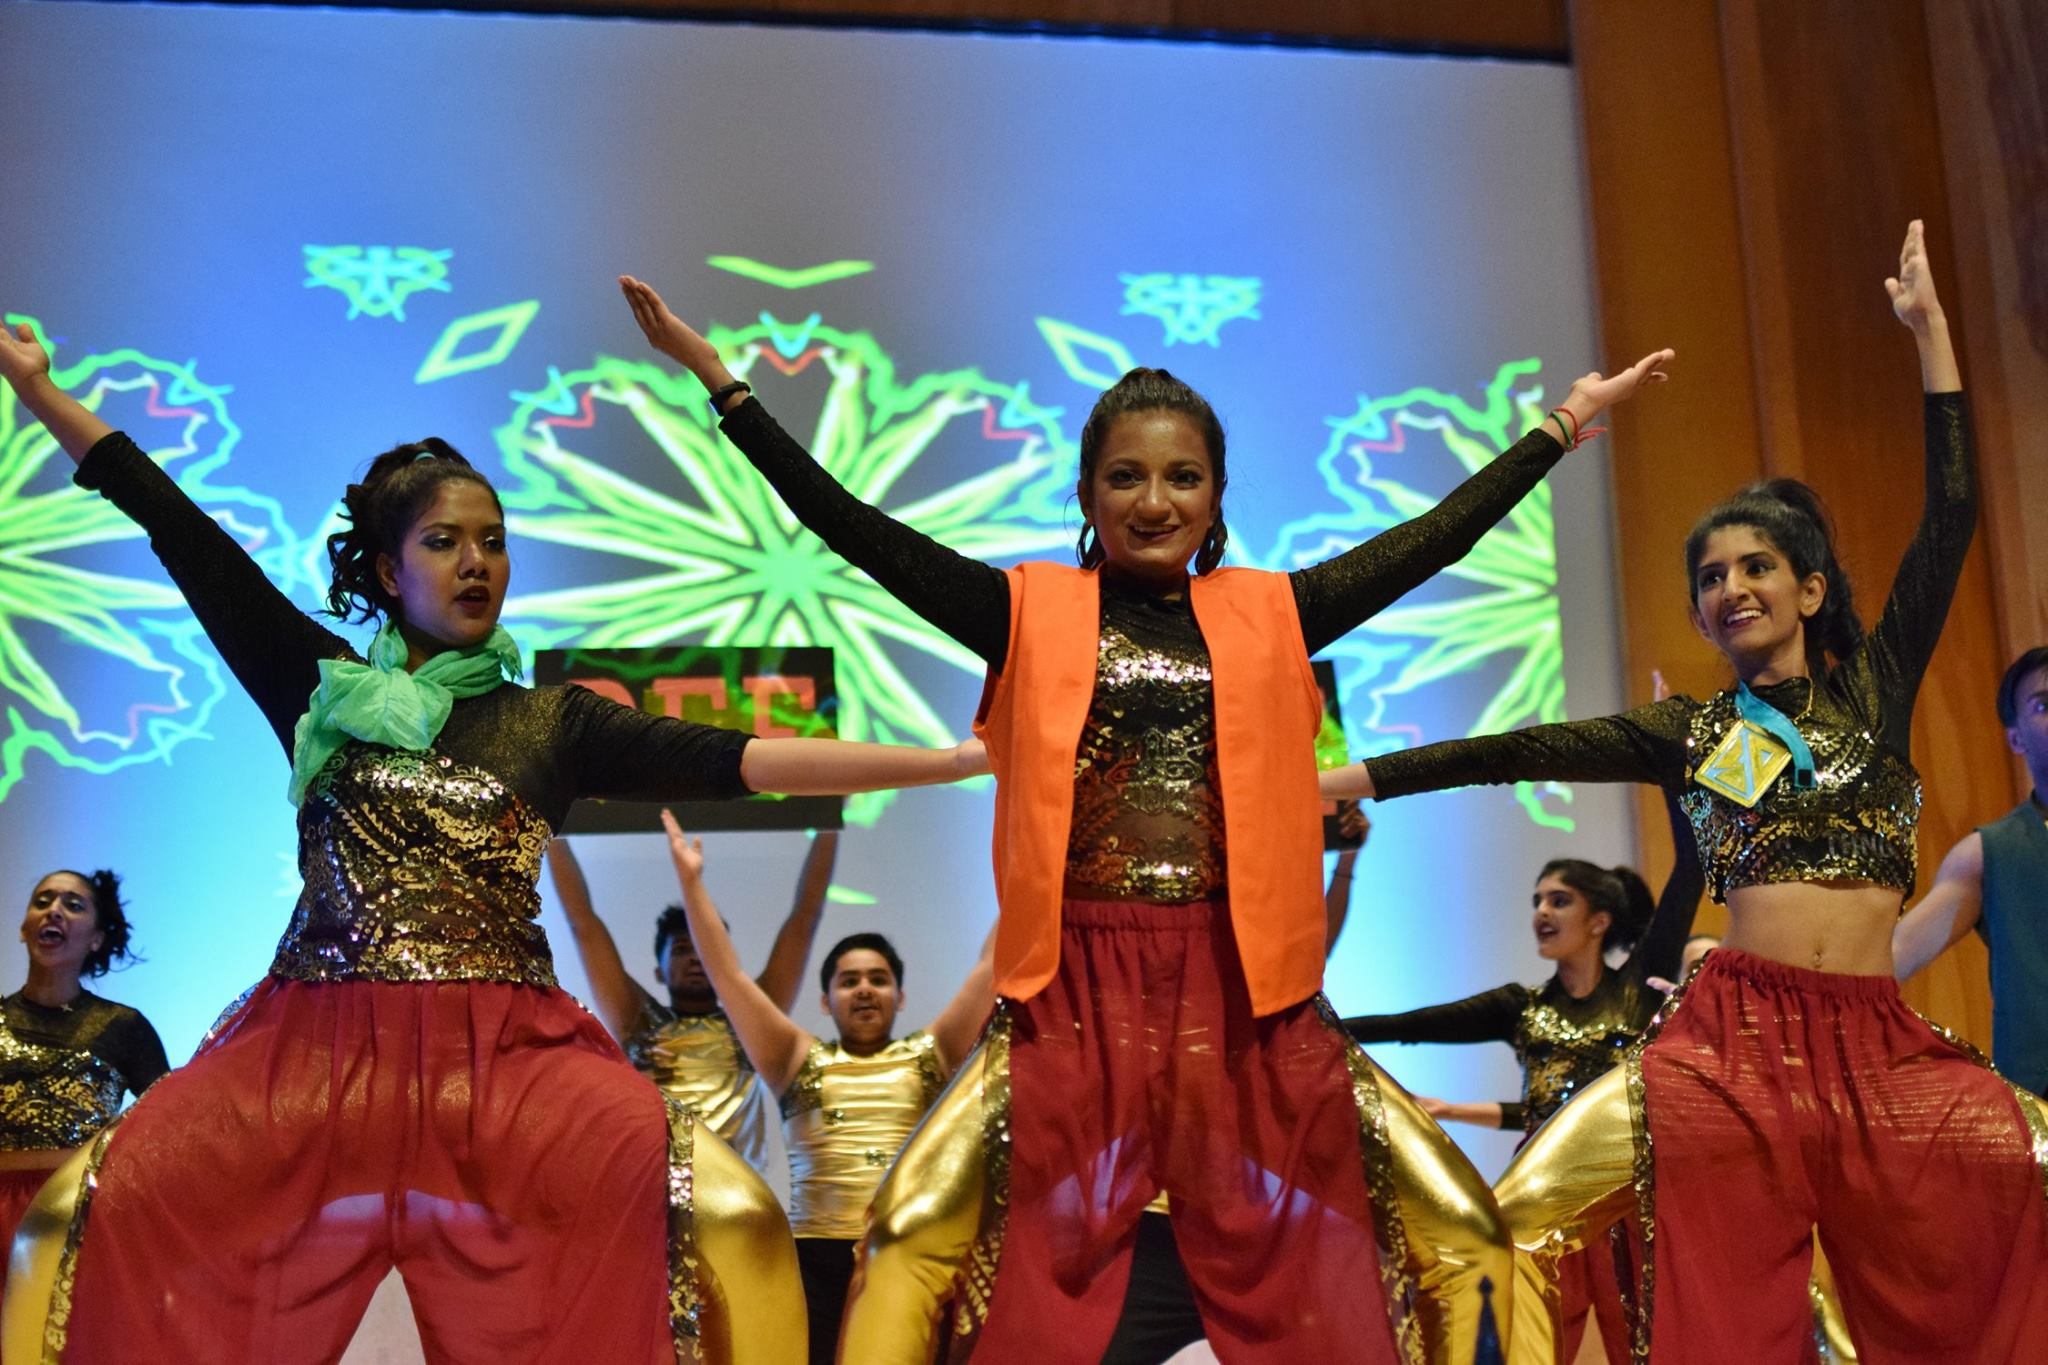 ダンサーは、ディワリ祭のお祝いの間に実行します。